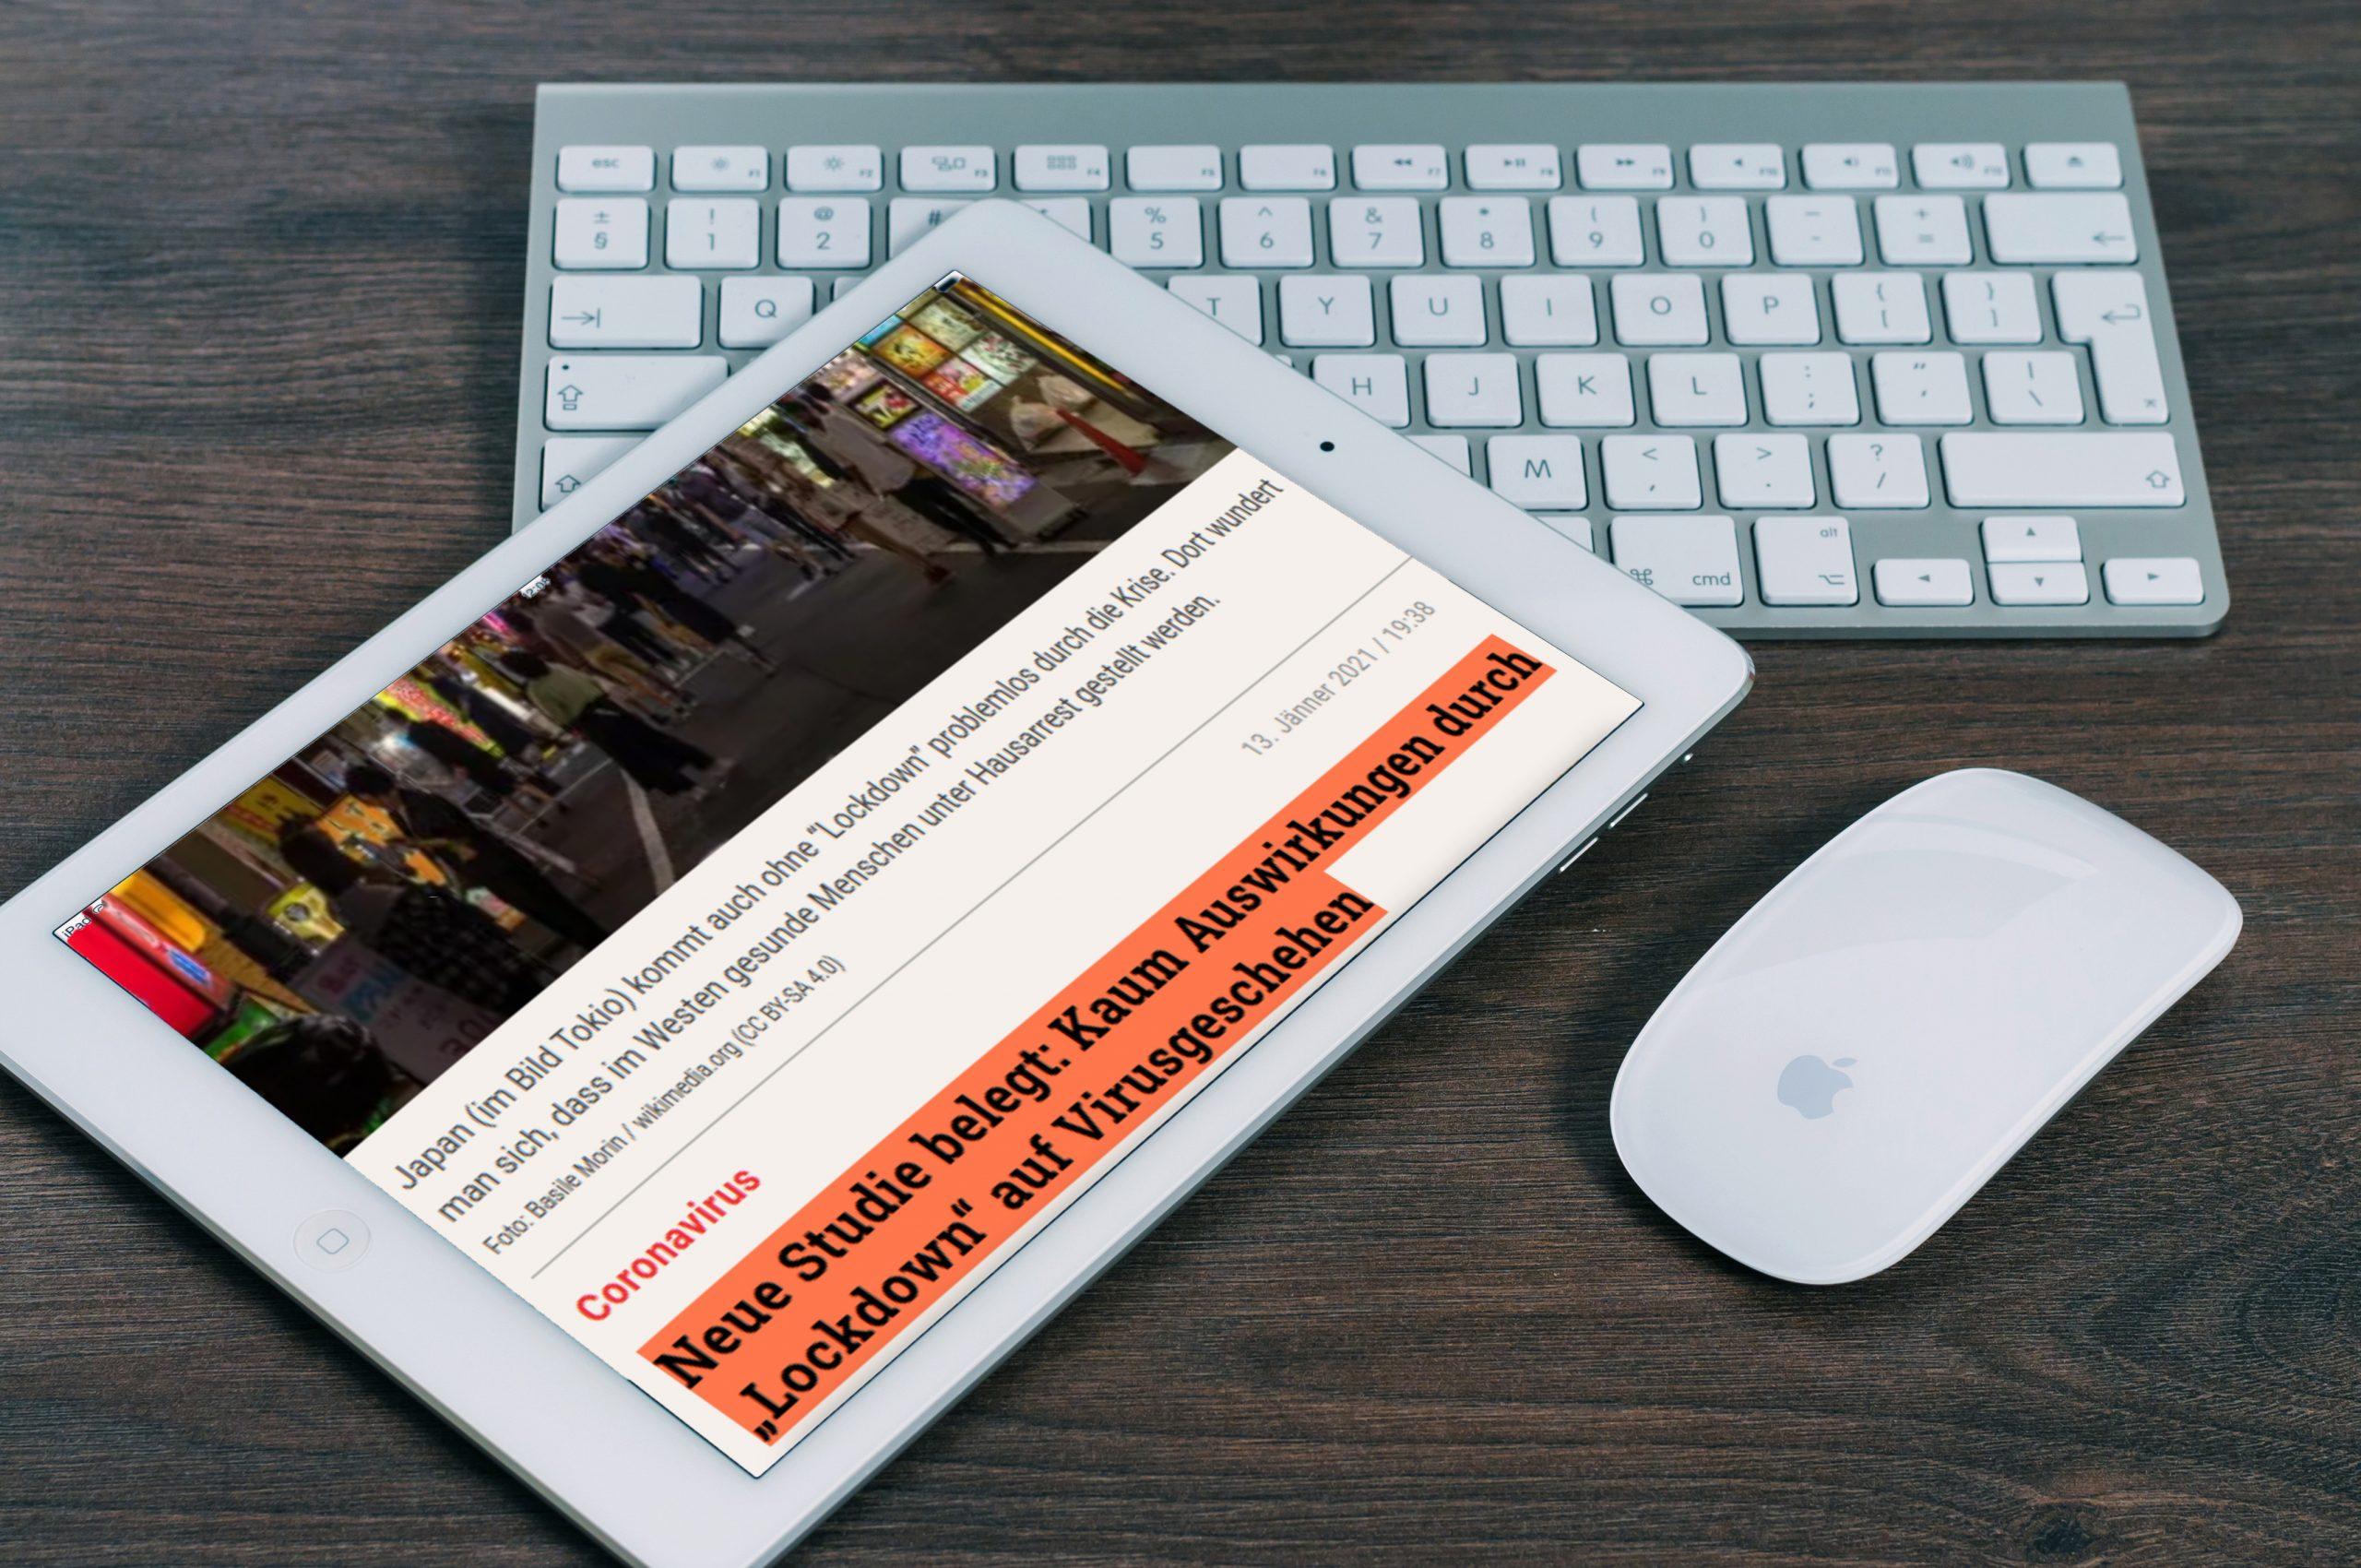 """Factinsect identifiziert """"Fake News"""": Unwahre Informationen werden sofort orange markiert. (Credit: Factinsect)"""